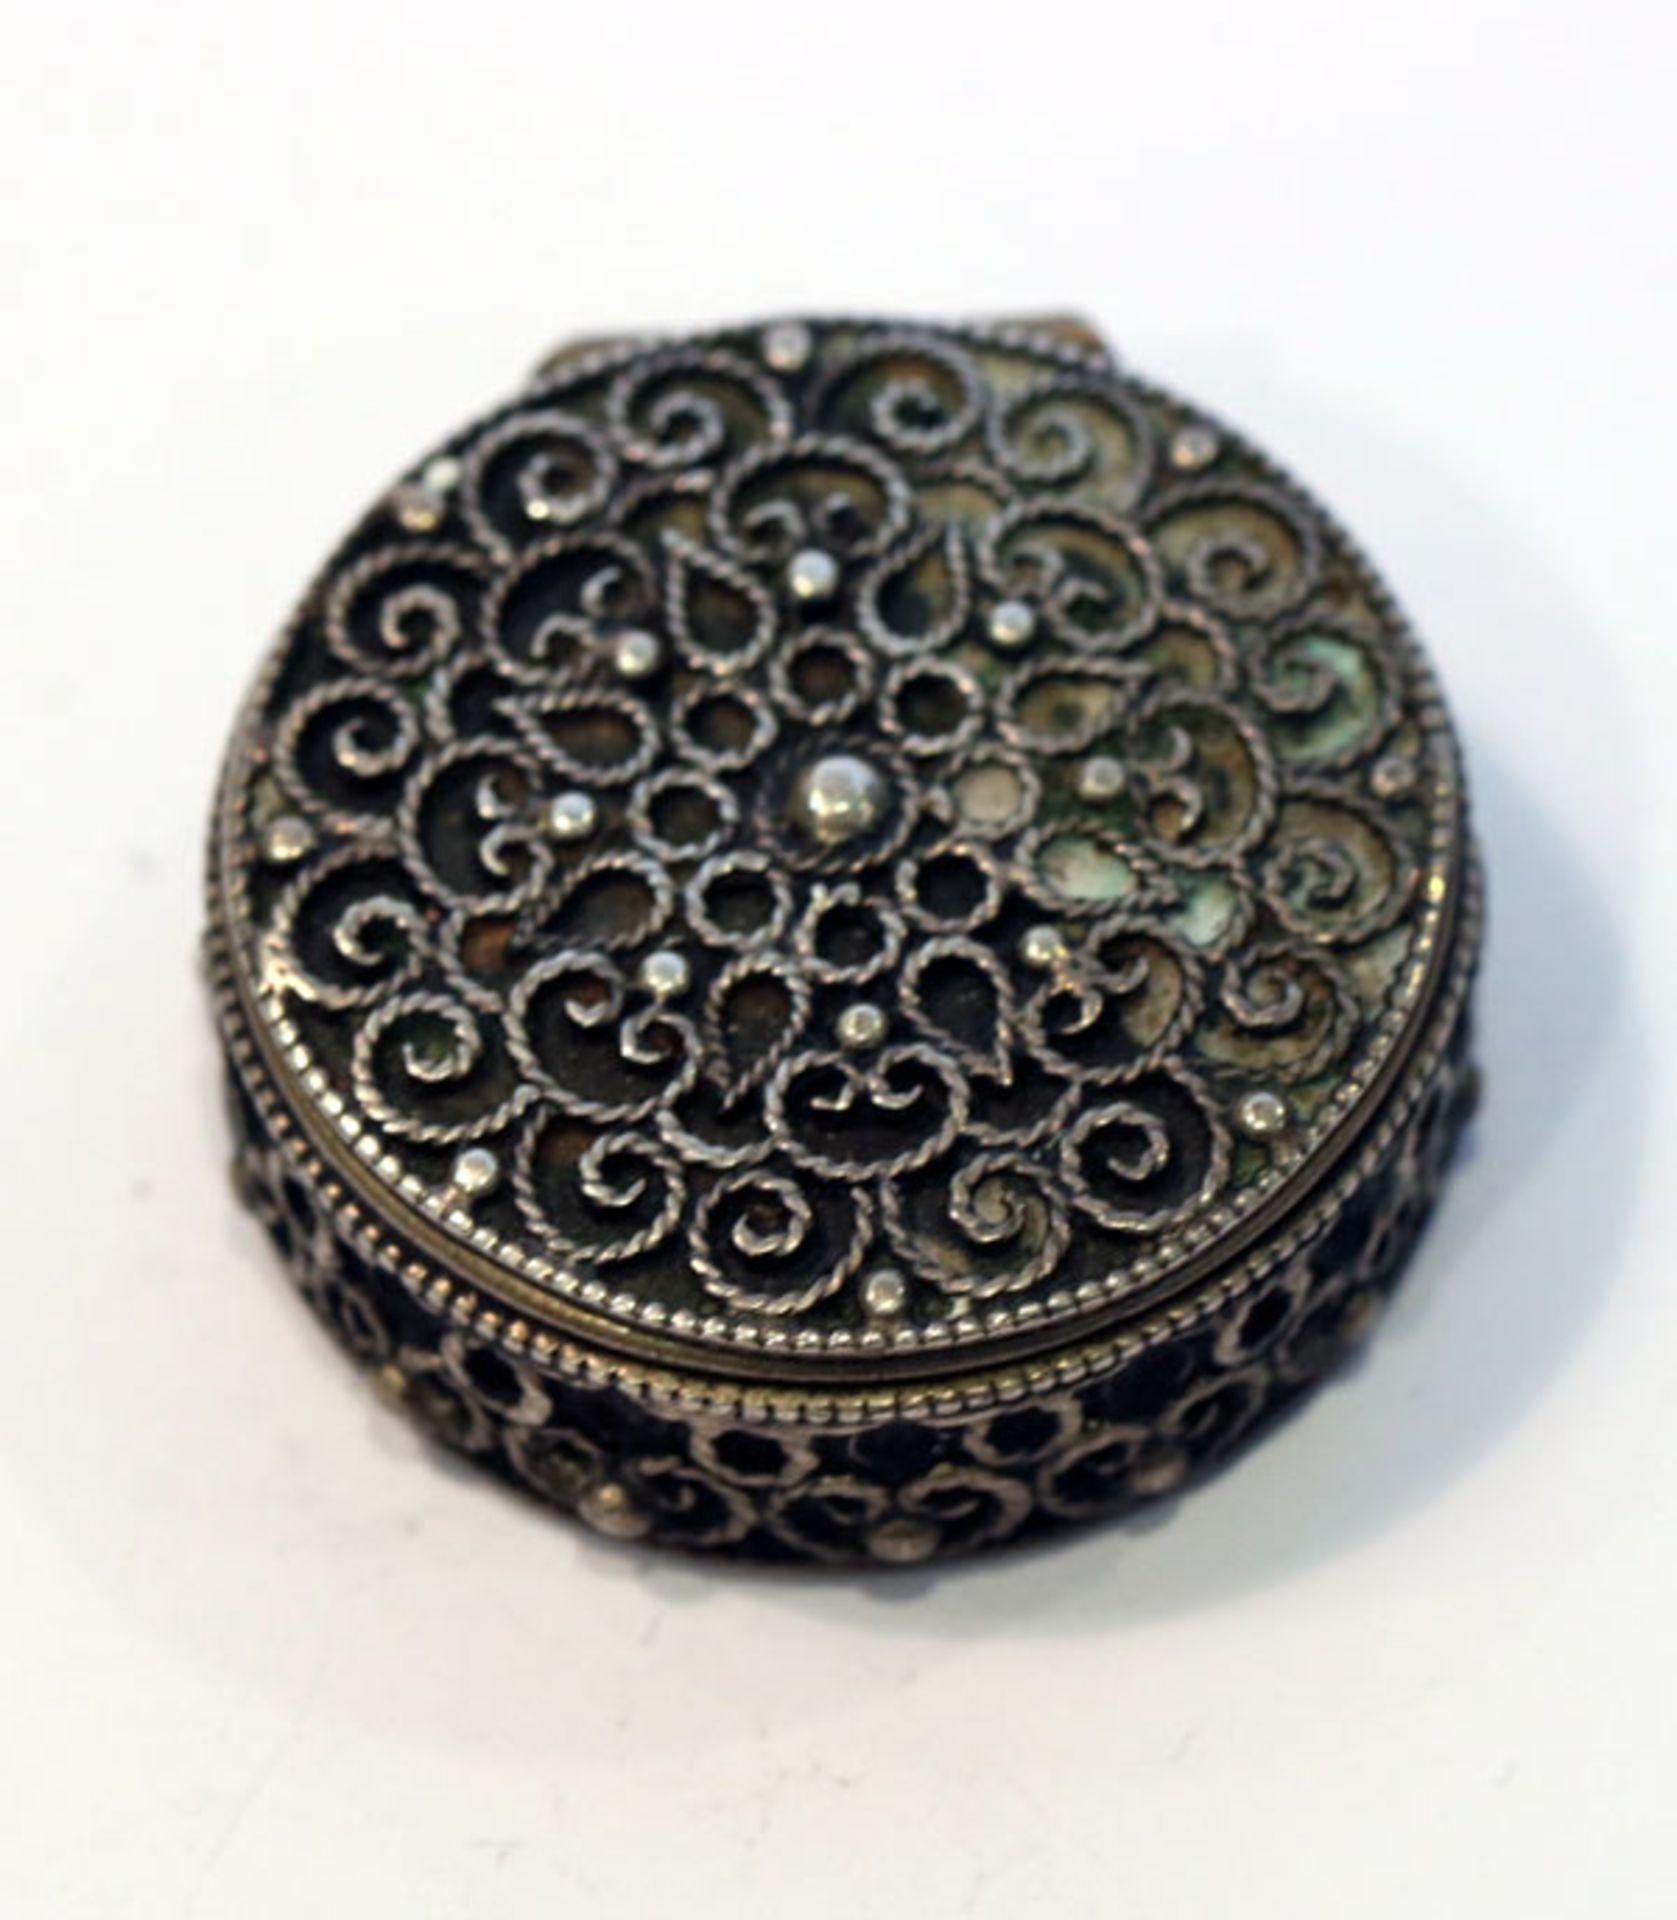 Los 14 - Döschen, 835 Silber, mit Reliefdekor, D 3 cm